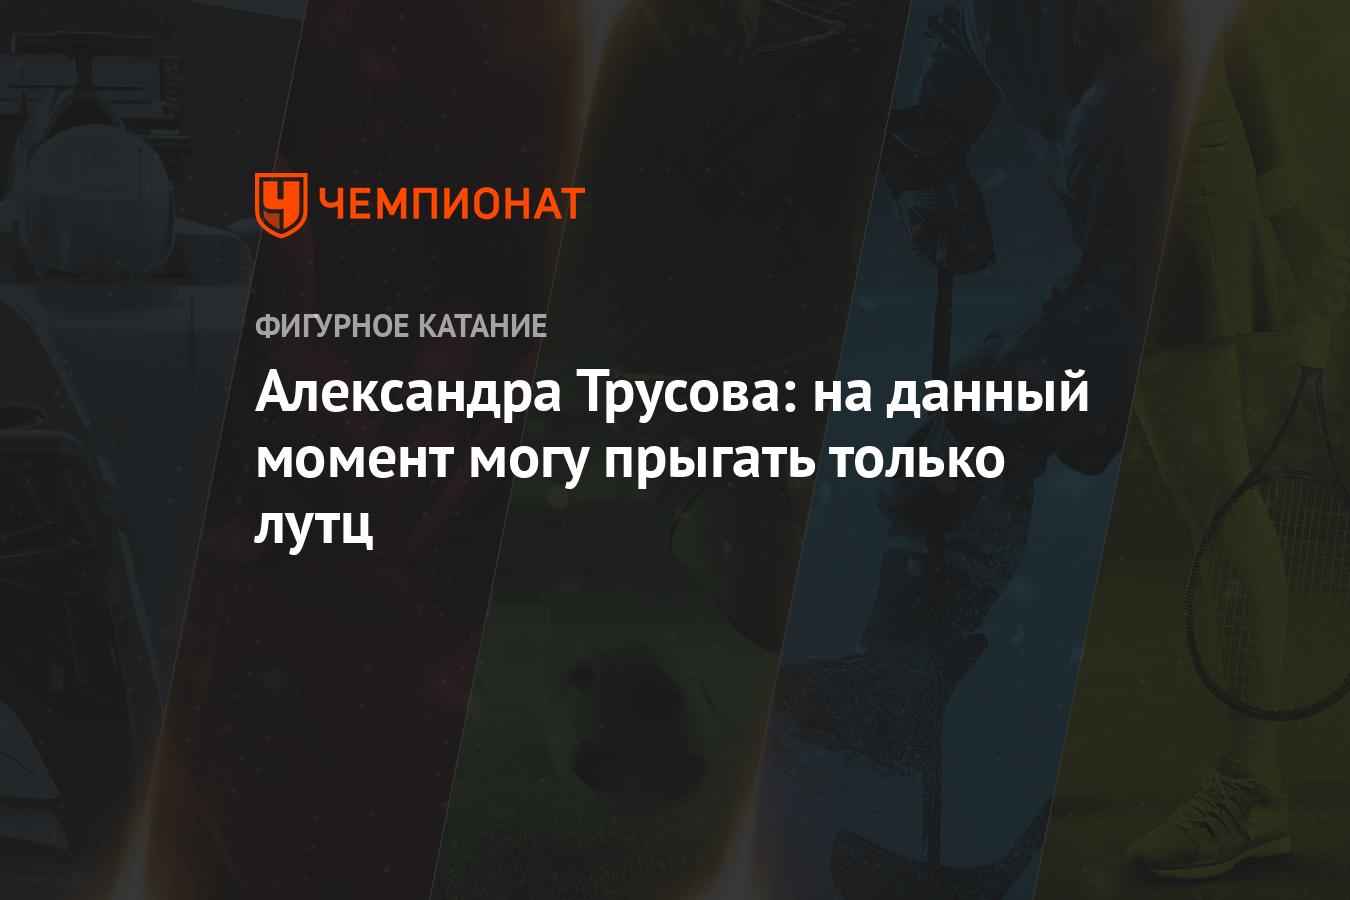 Александра Трусова: на данный момент могу прыгать только лутц